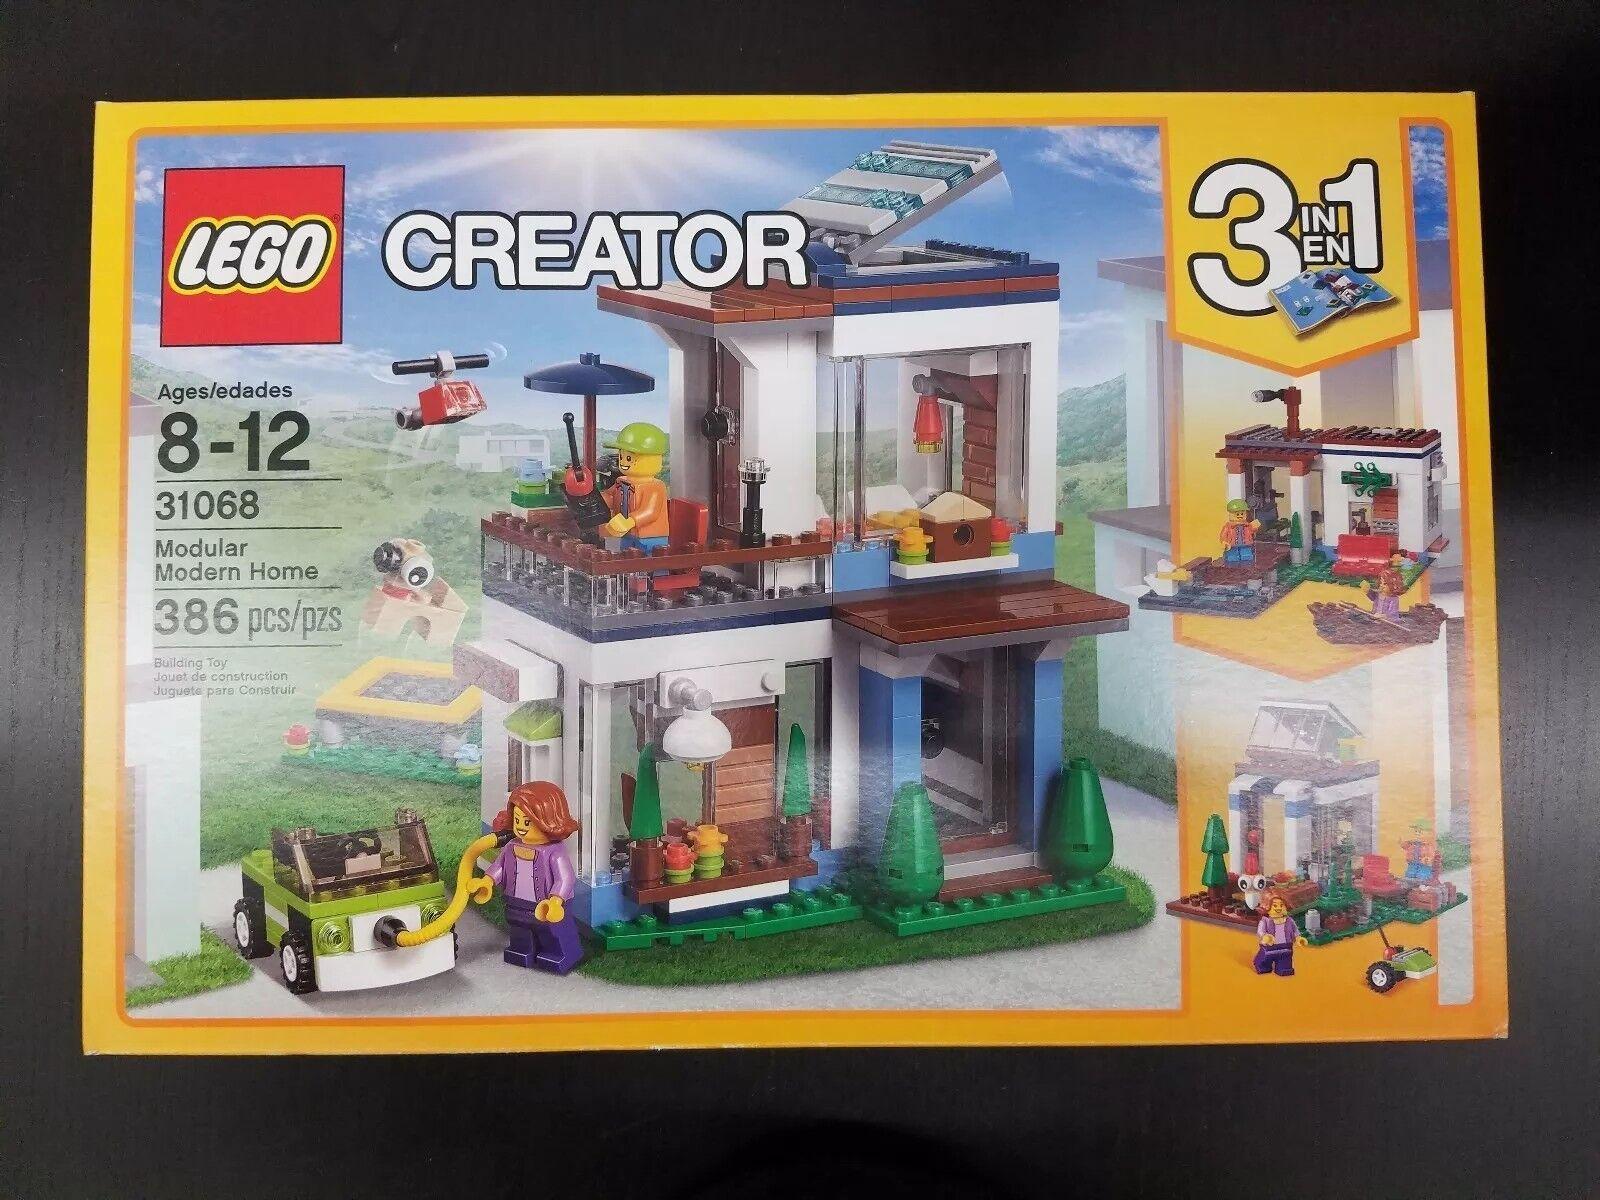 4LEGO  31068 Creator Modular Modern Home costruzione Set  nuovo RARE Retirosso  alta qualità generale